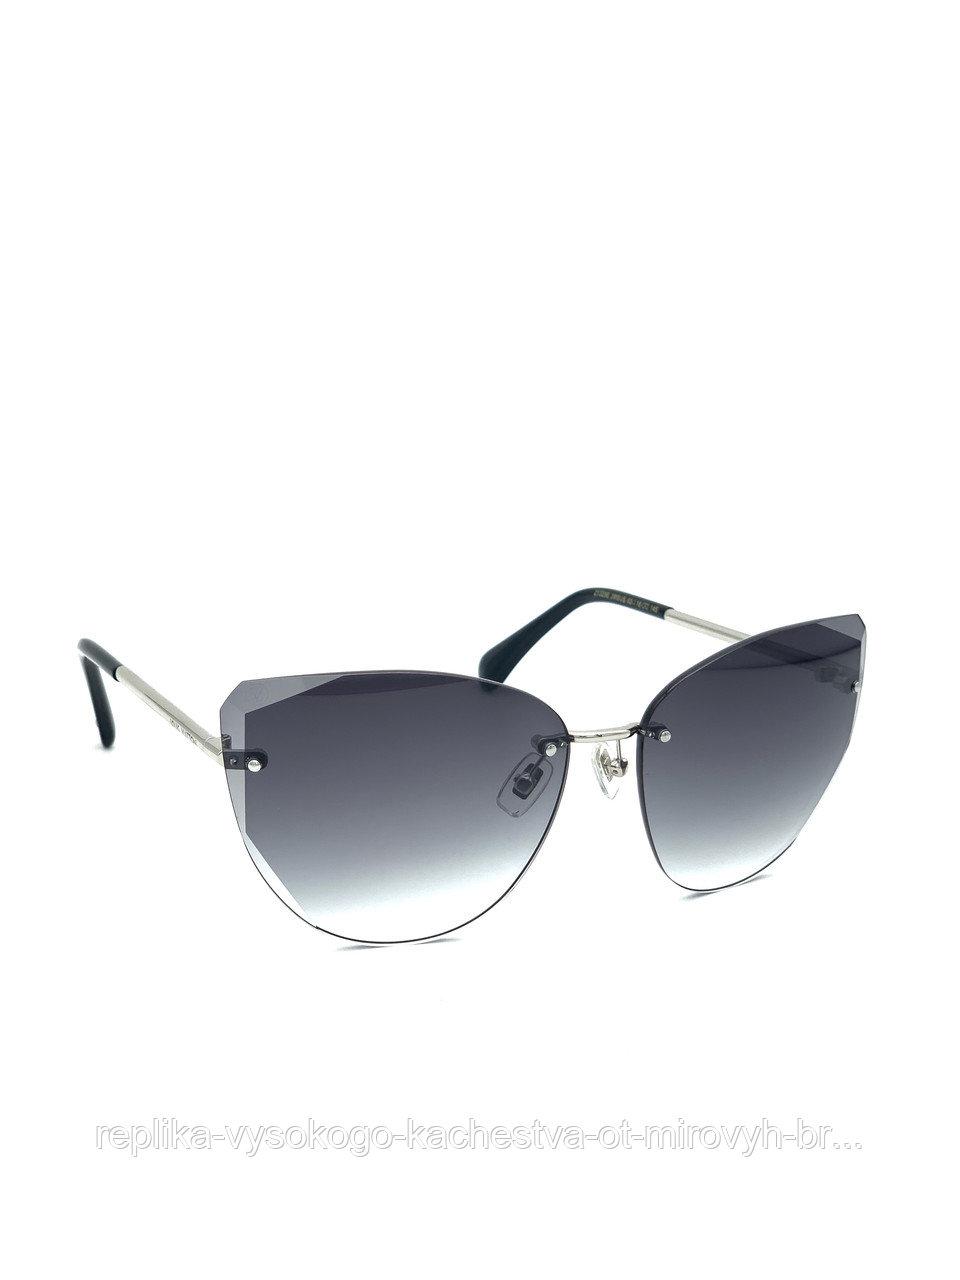 Очки женские Louis Vuitton PLEIN SOLEIL